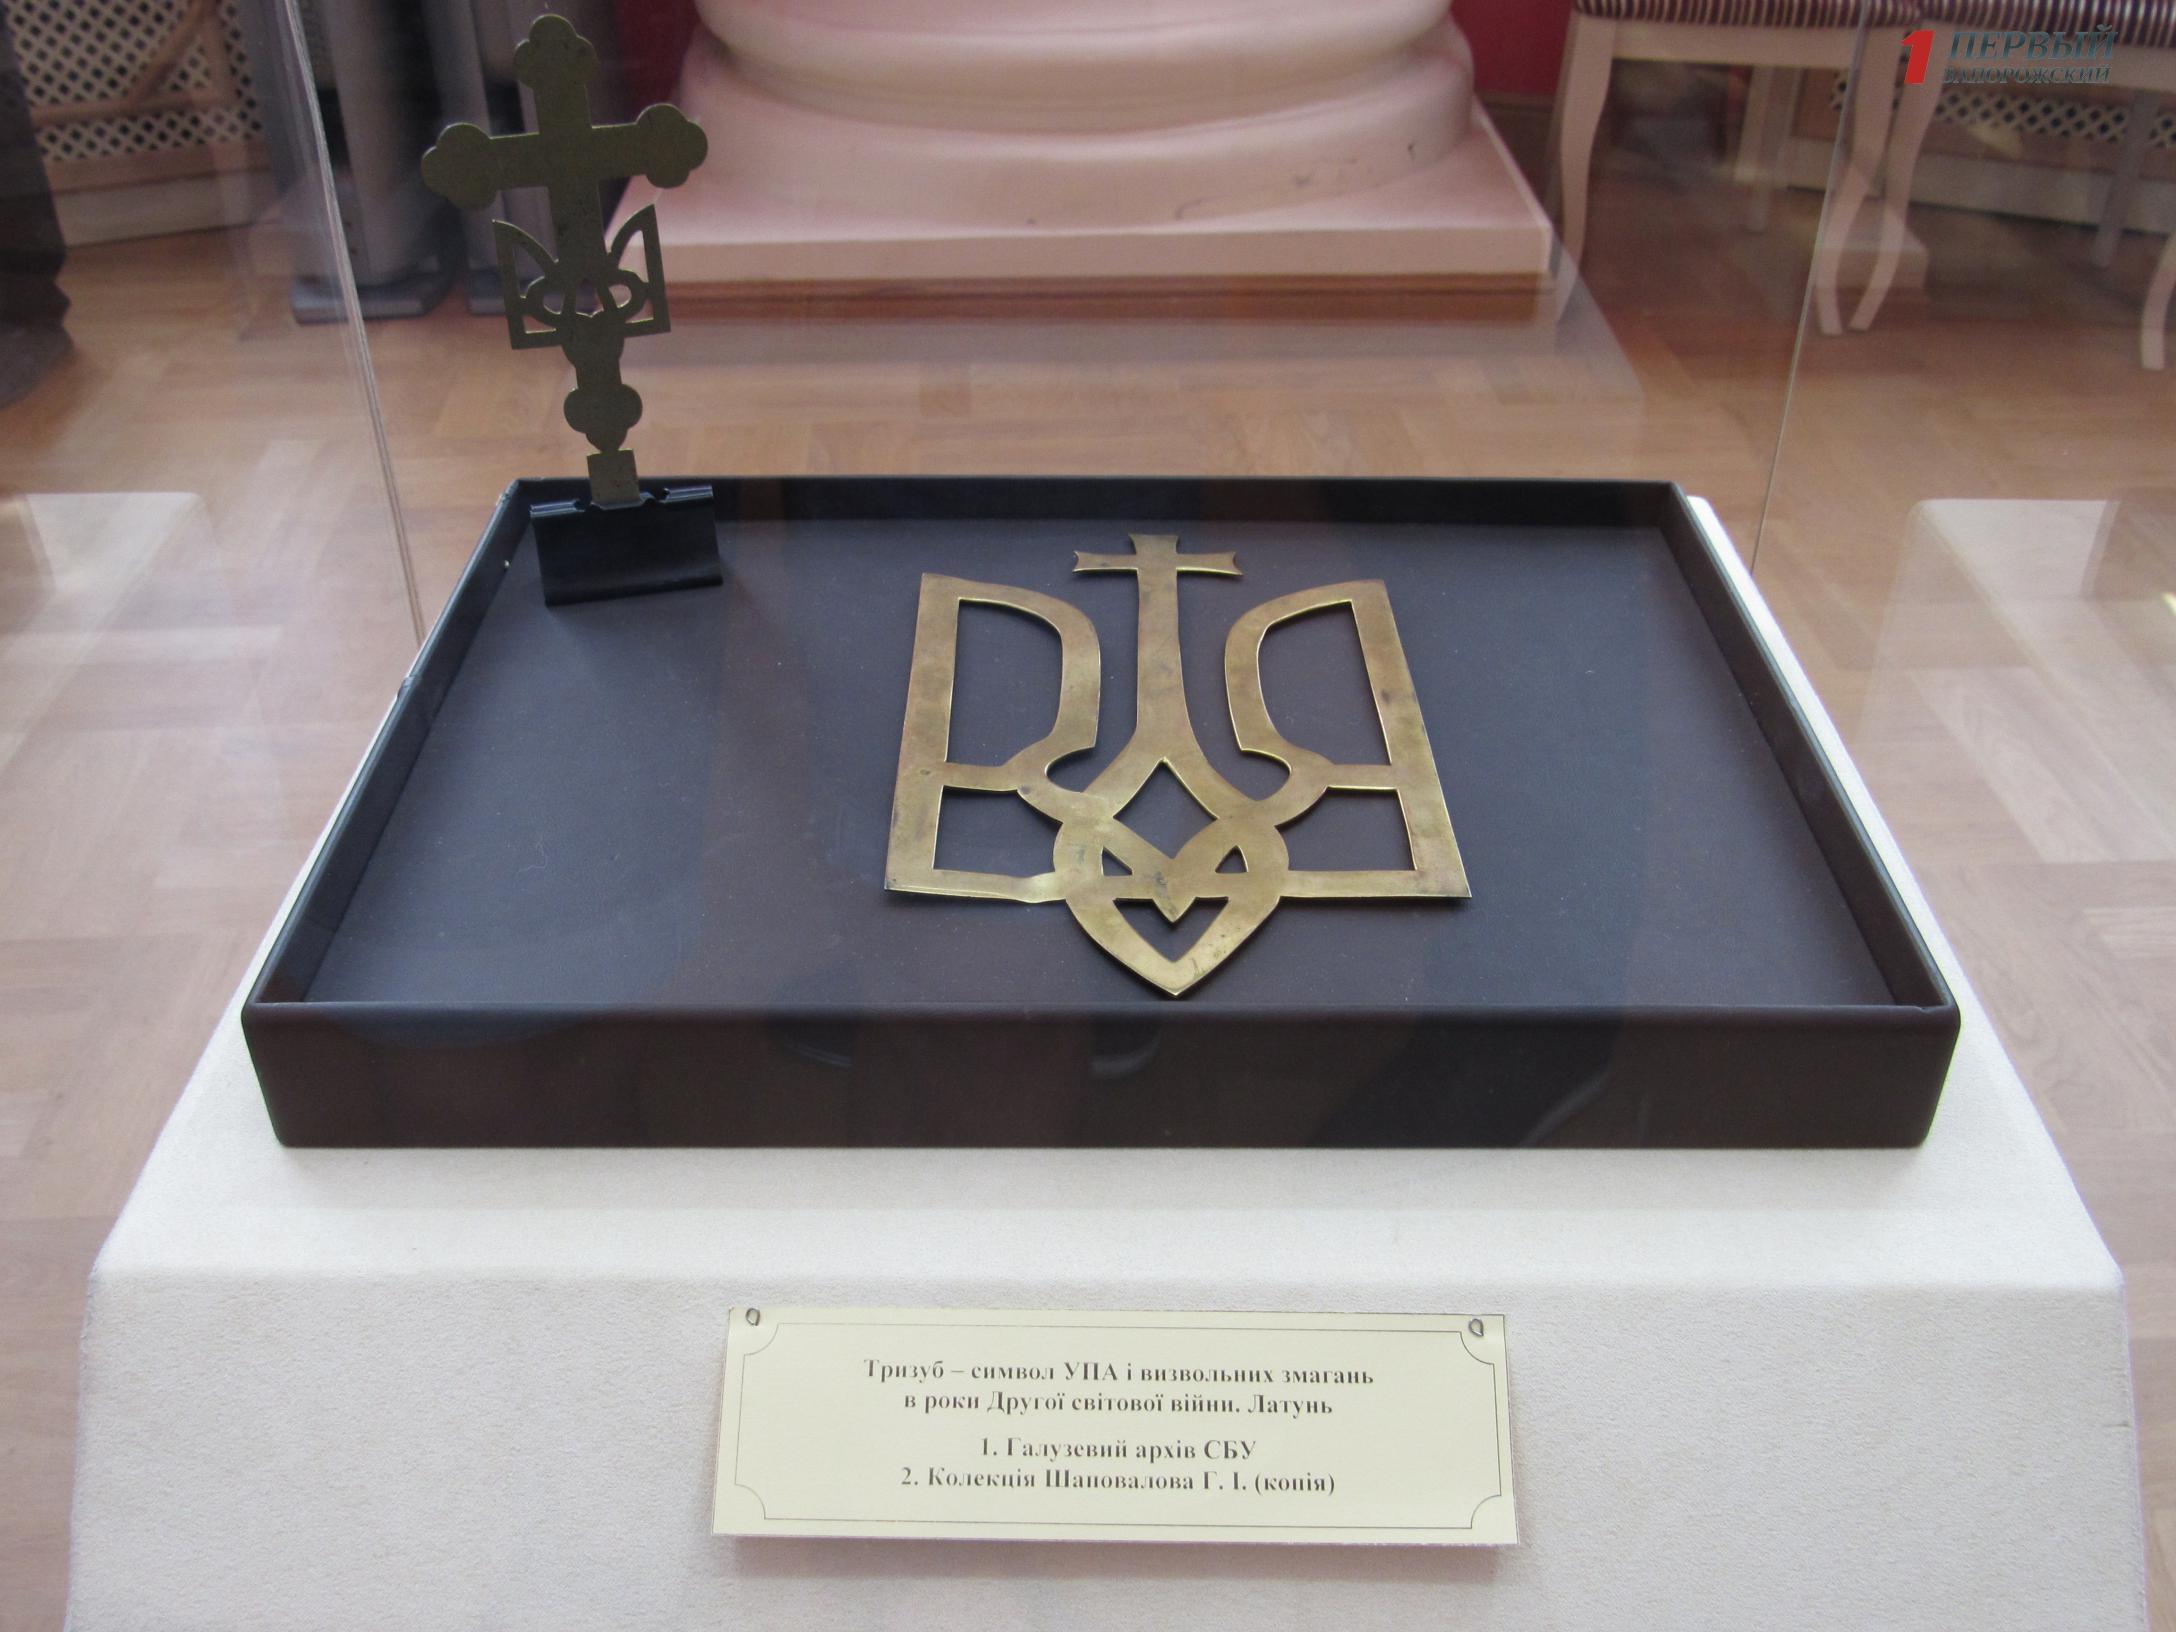 Як формувалася і втілювалася ідея державного символу України – Тризуба